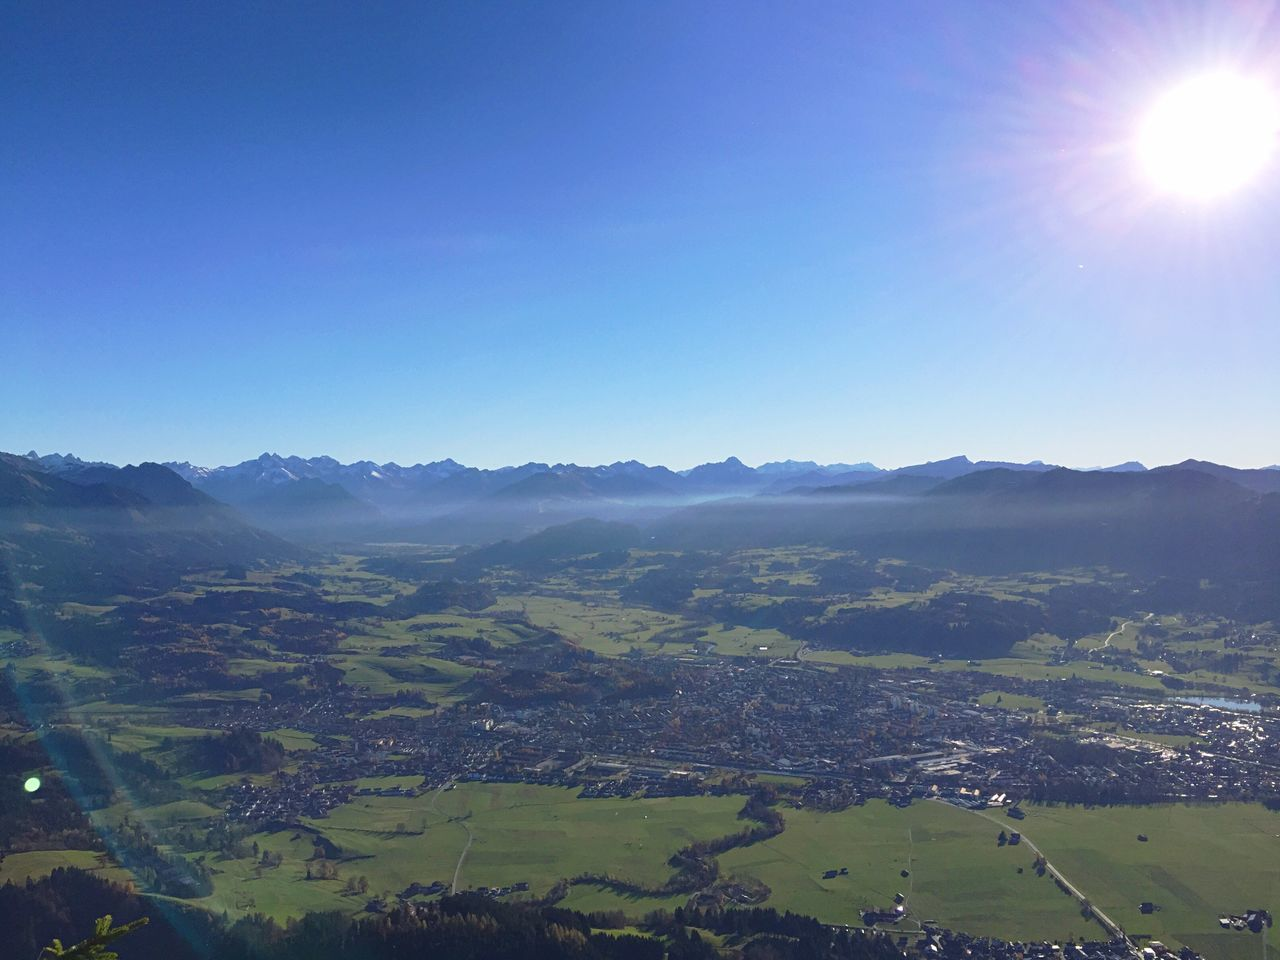 Aussicht auf Sonthofen Allgäu The Alps